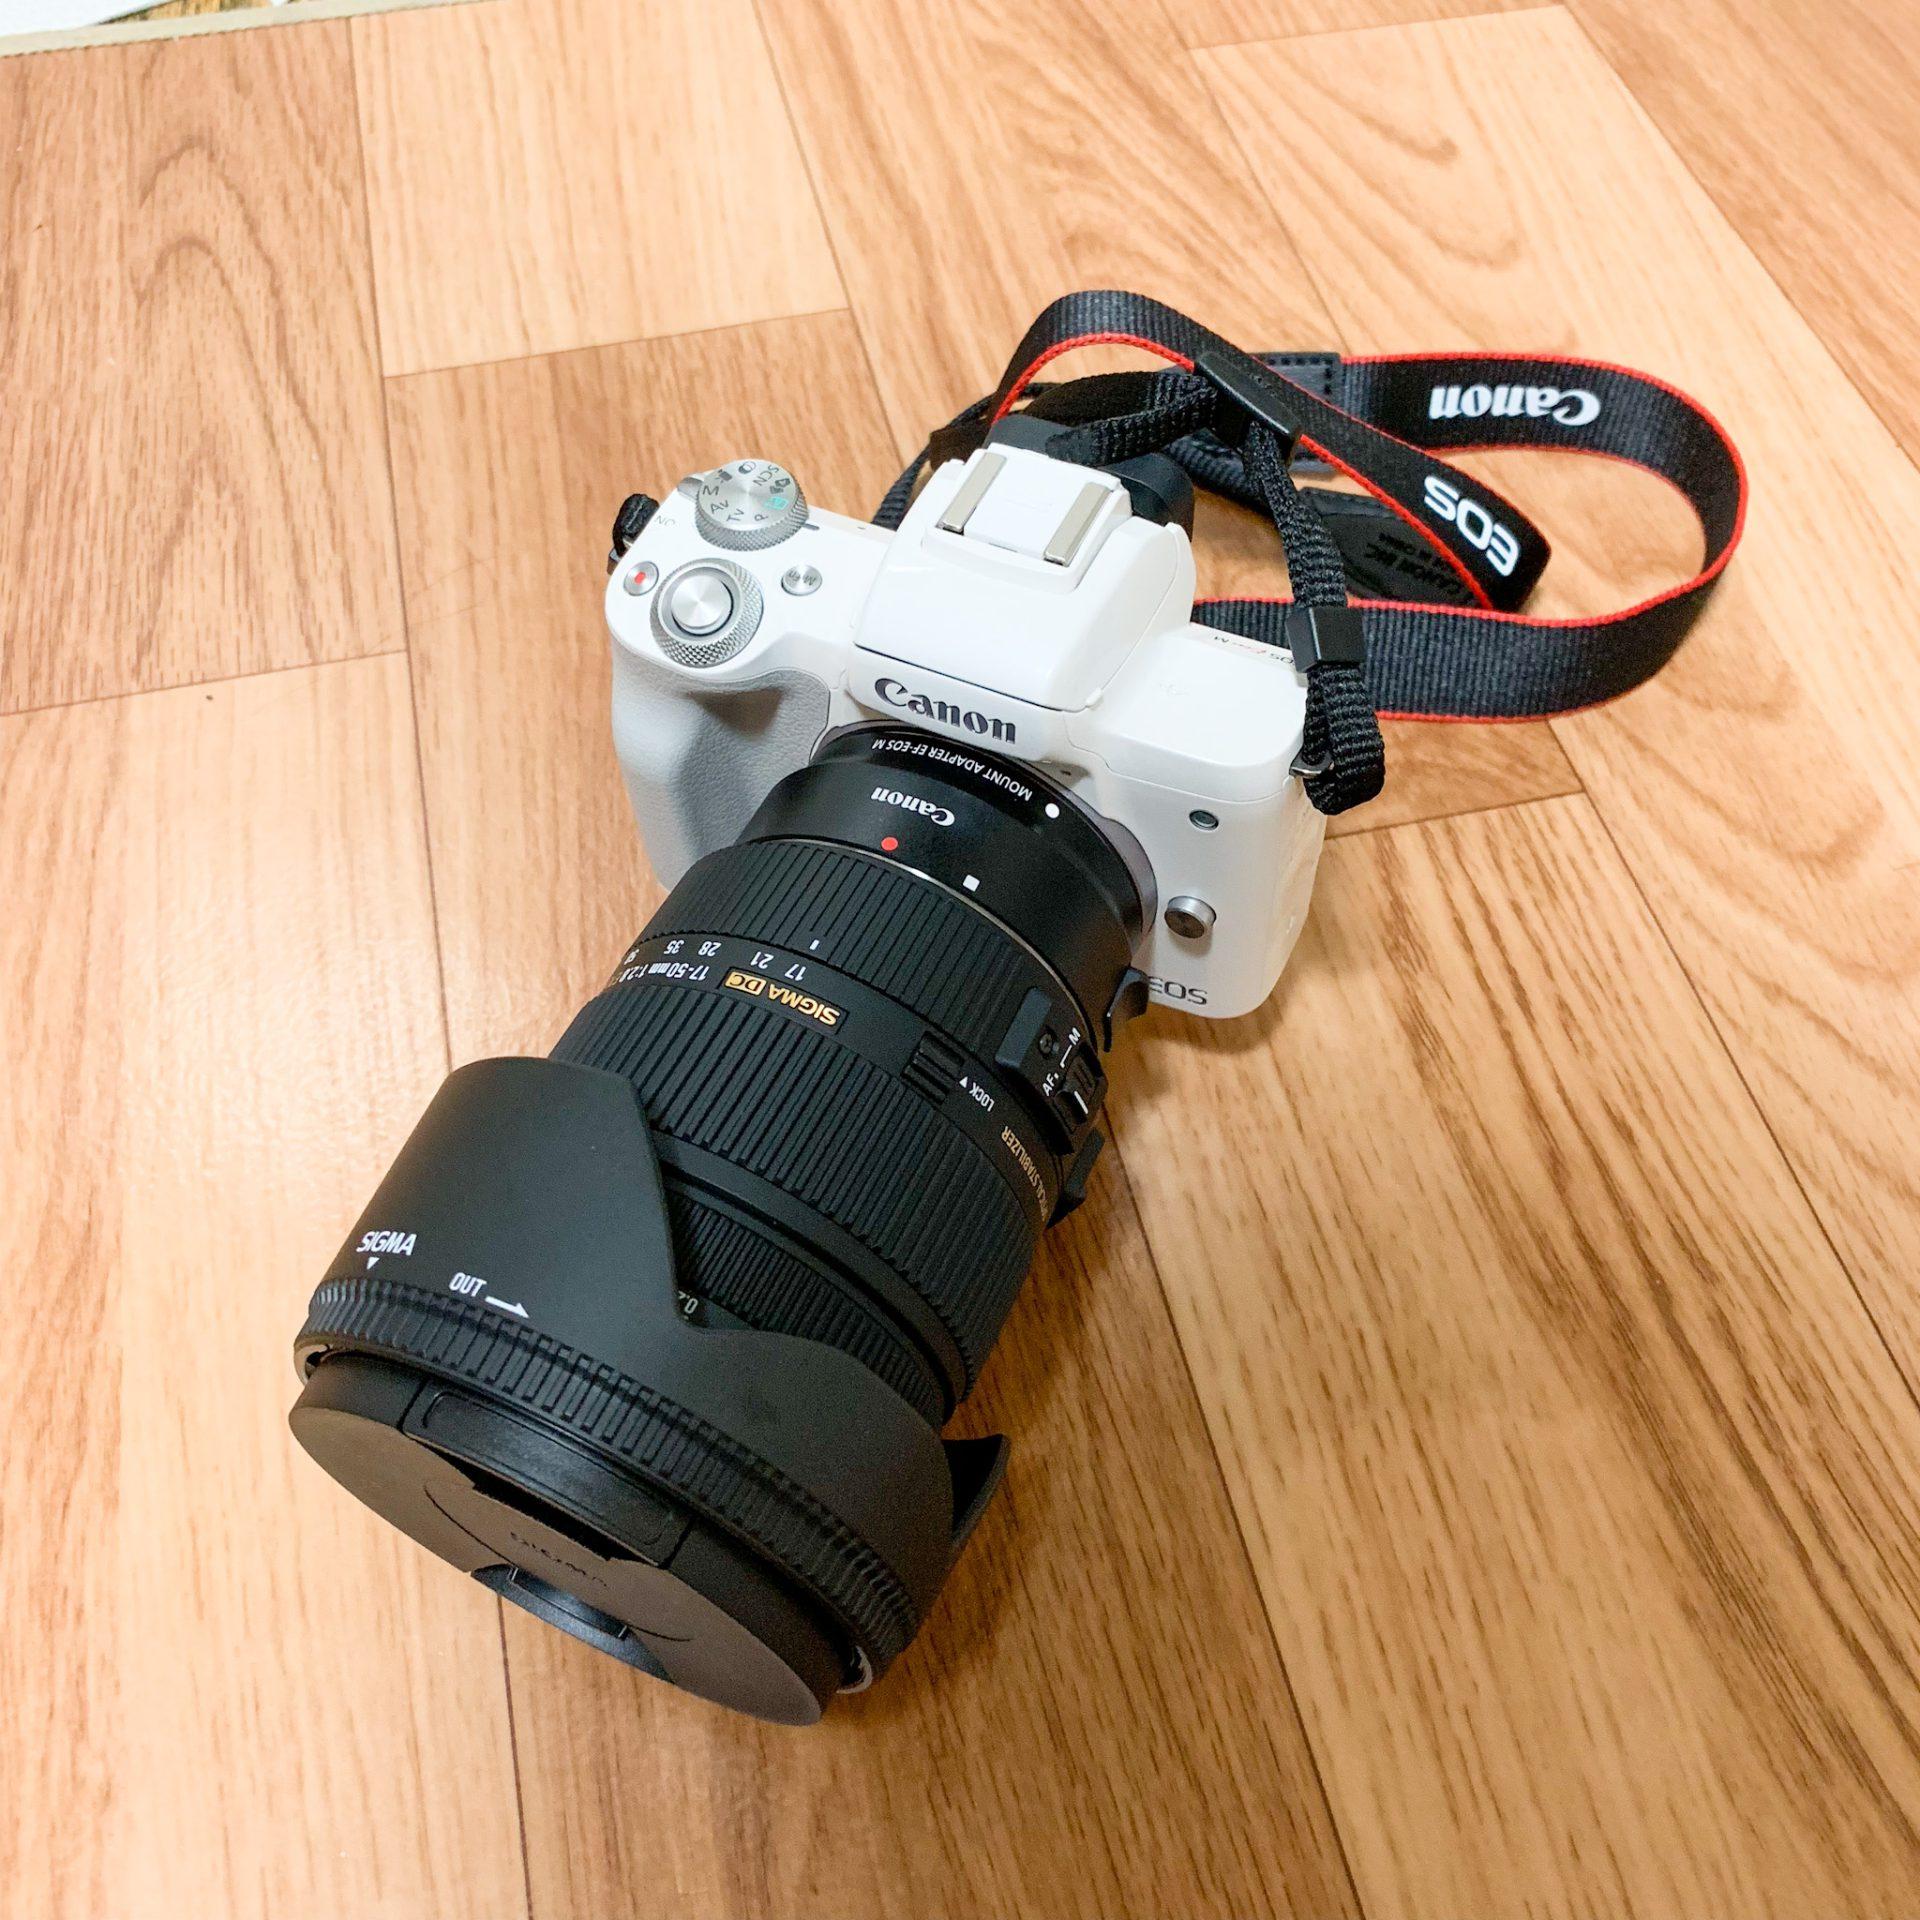 新米パパがミラーレス一眼カメラを選ぶのに重視した3つのこと